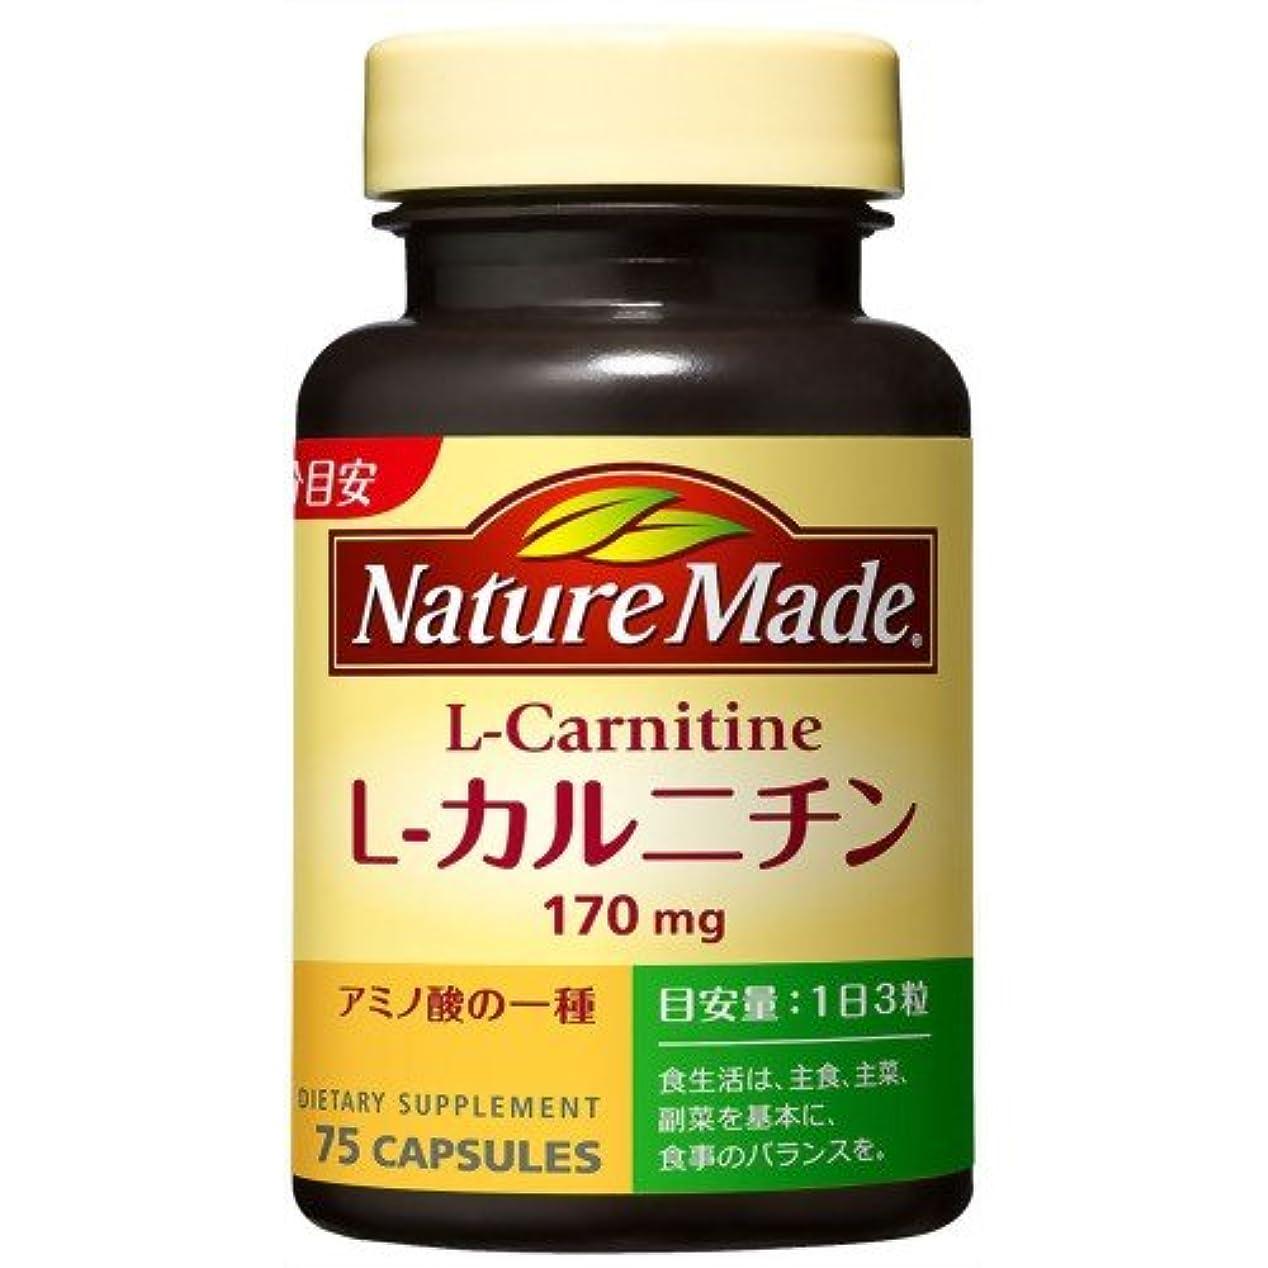 対応するファーム批評ネイチャーメイド L-カルニチン 75粒